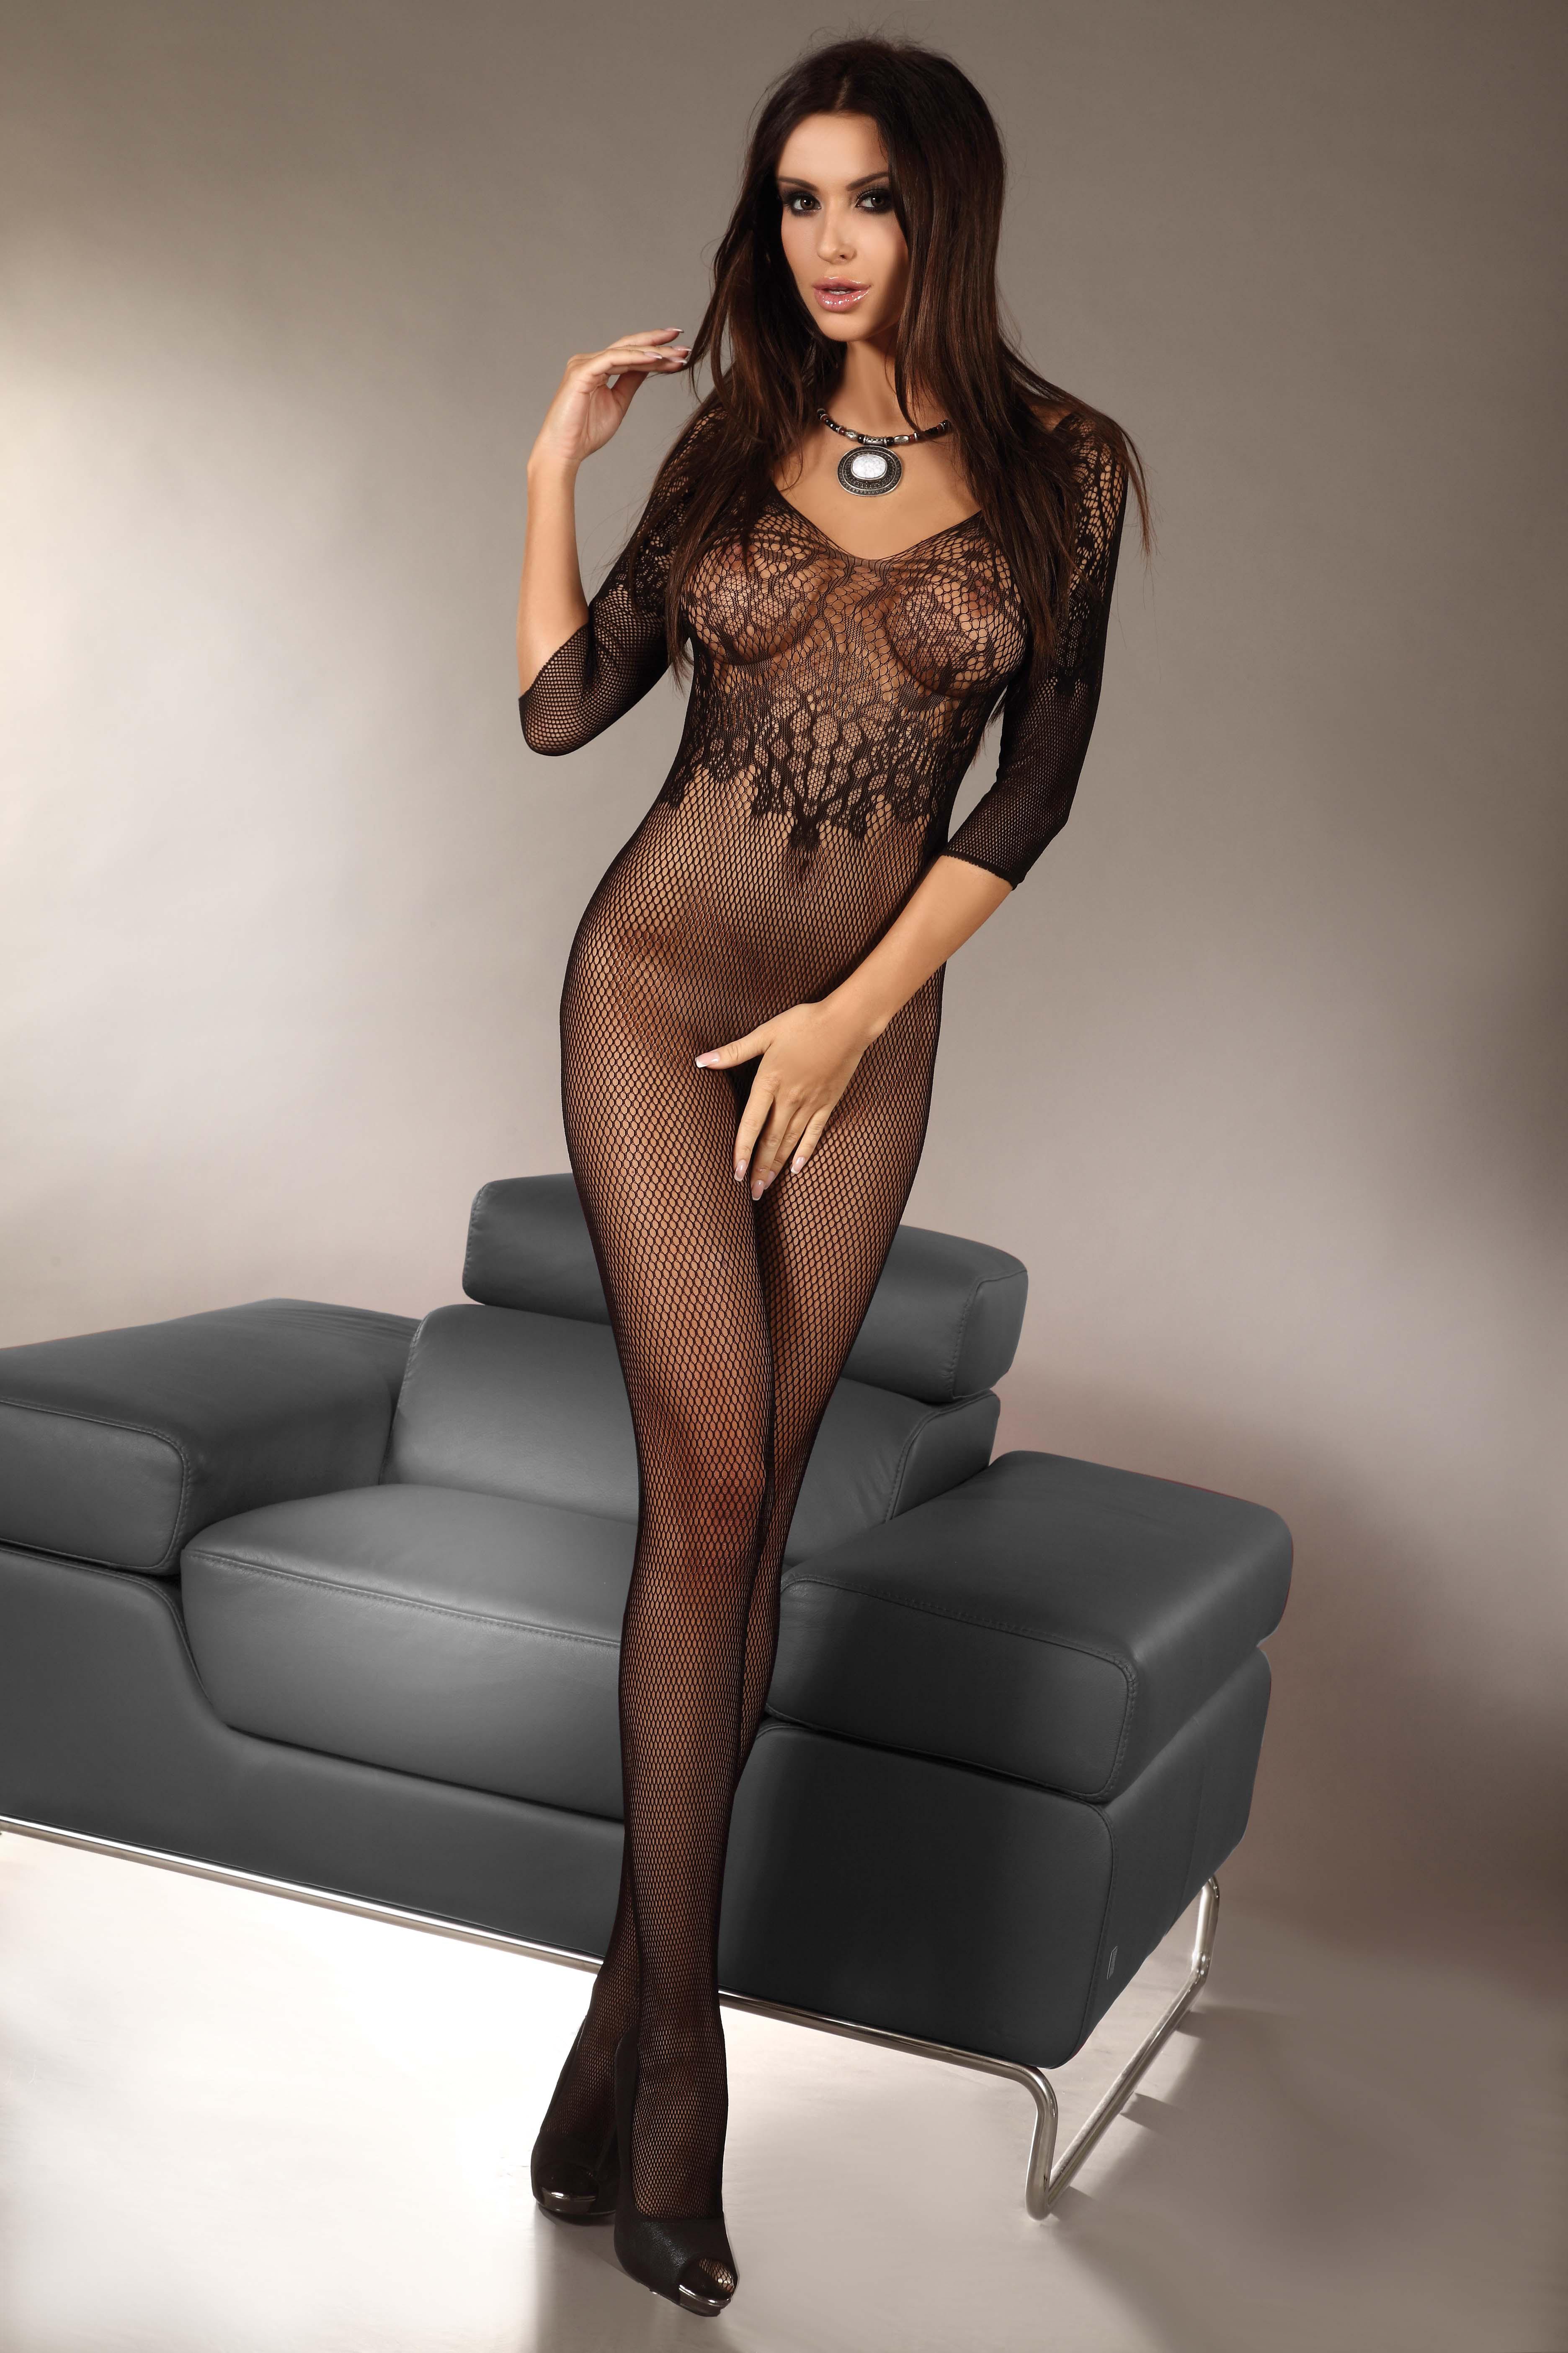 hot girl in mesh lingerie